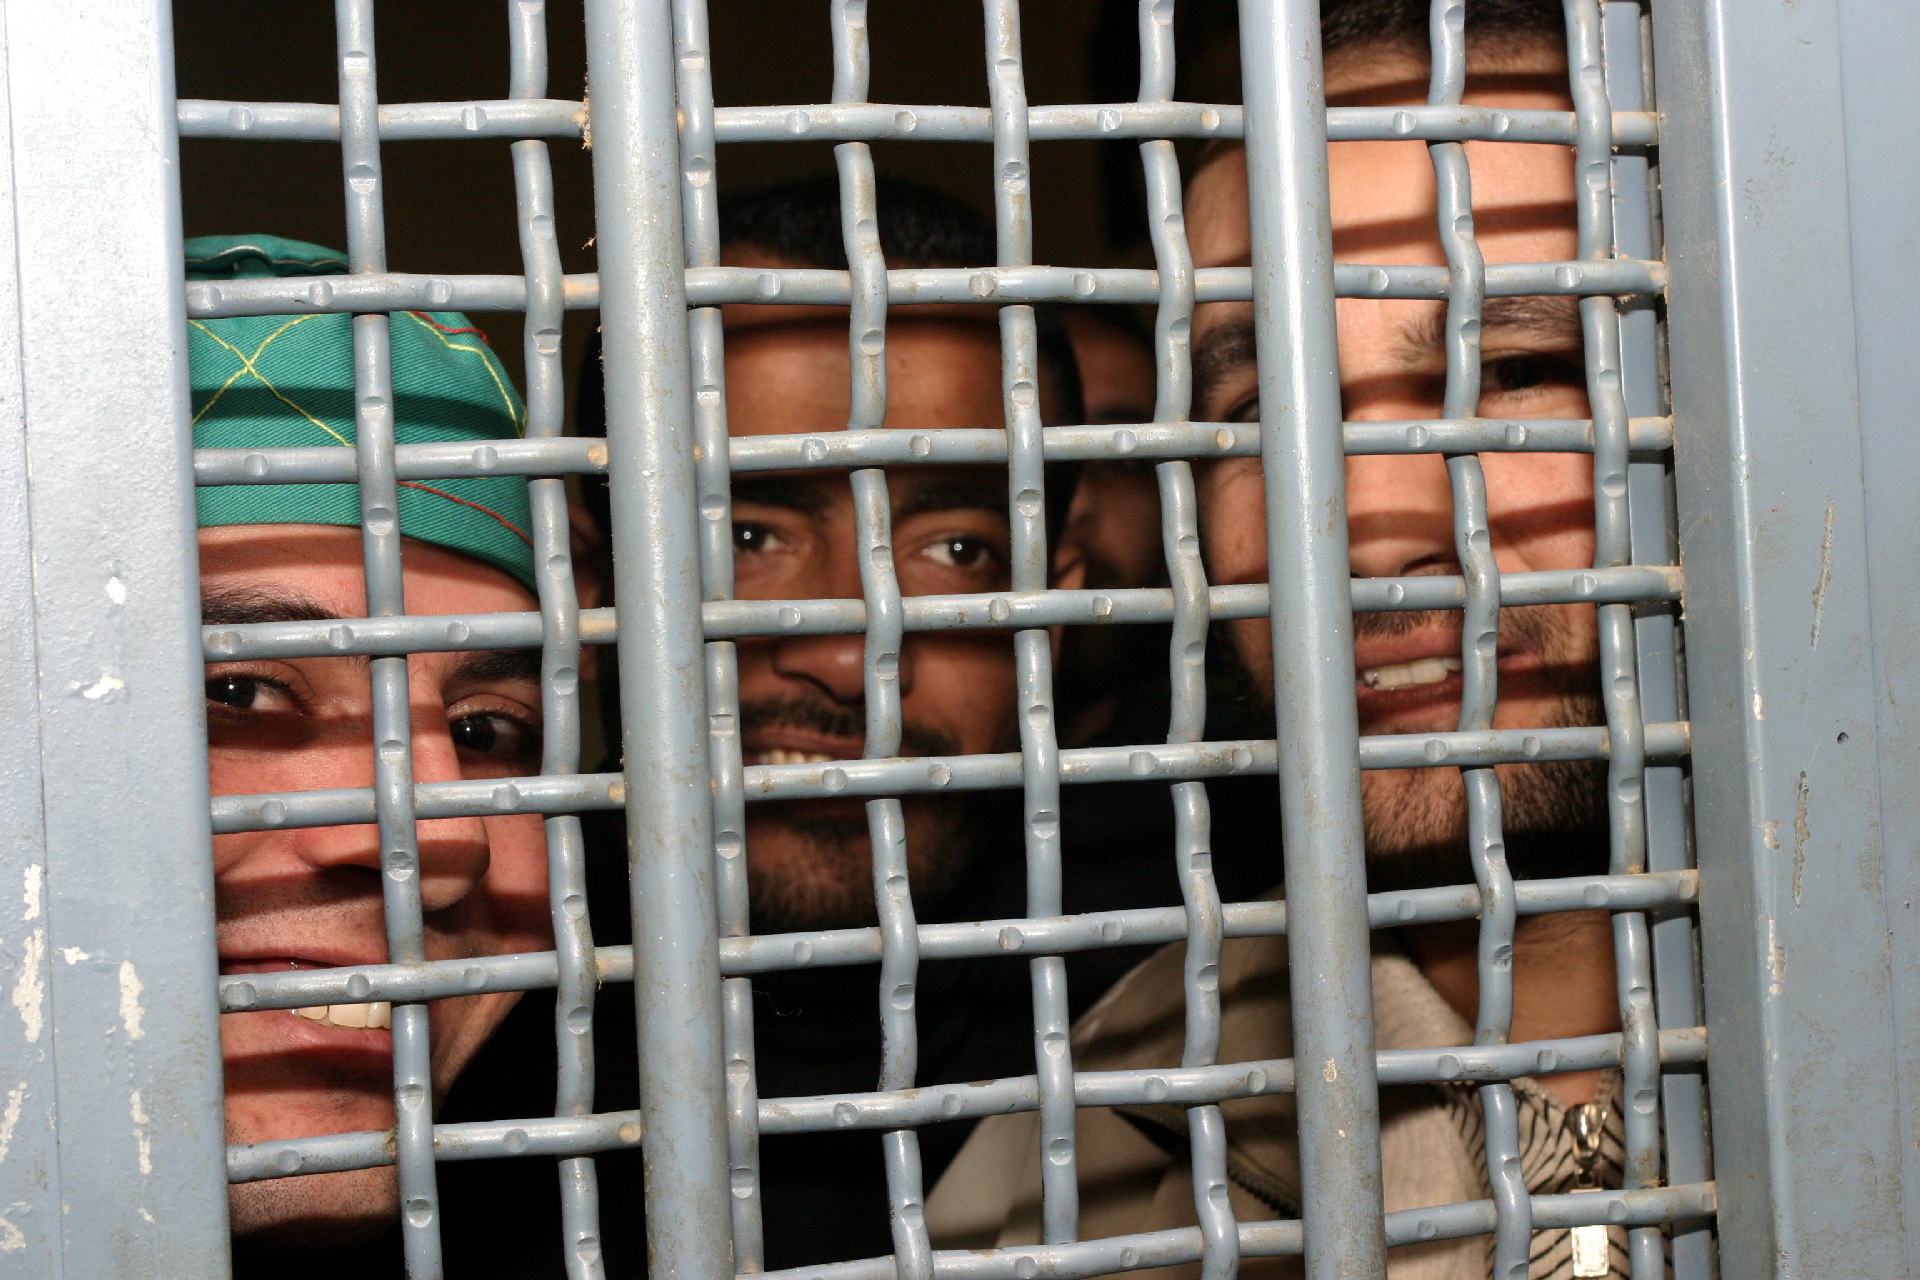 Экспонат #39. Тюрьма в Беэр-Шева. Израиль. 2004 год